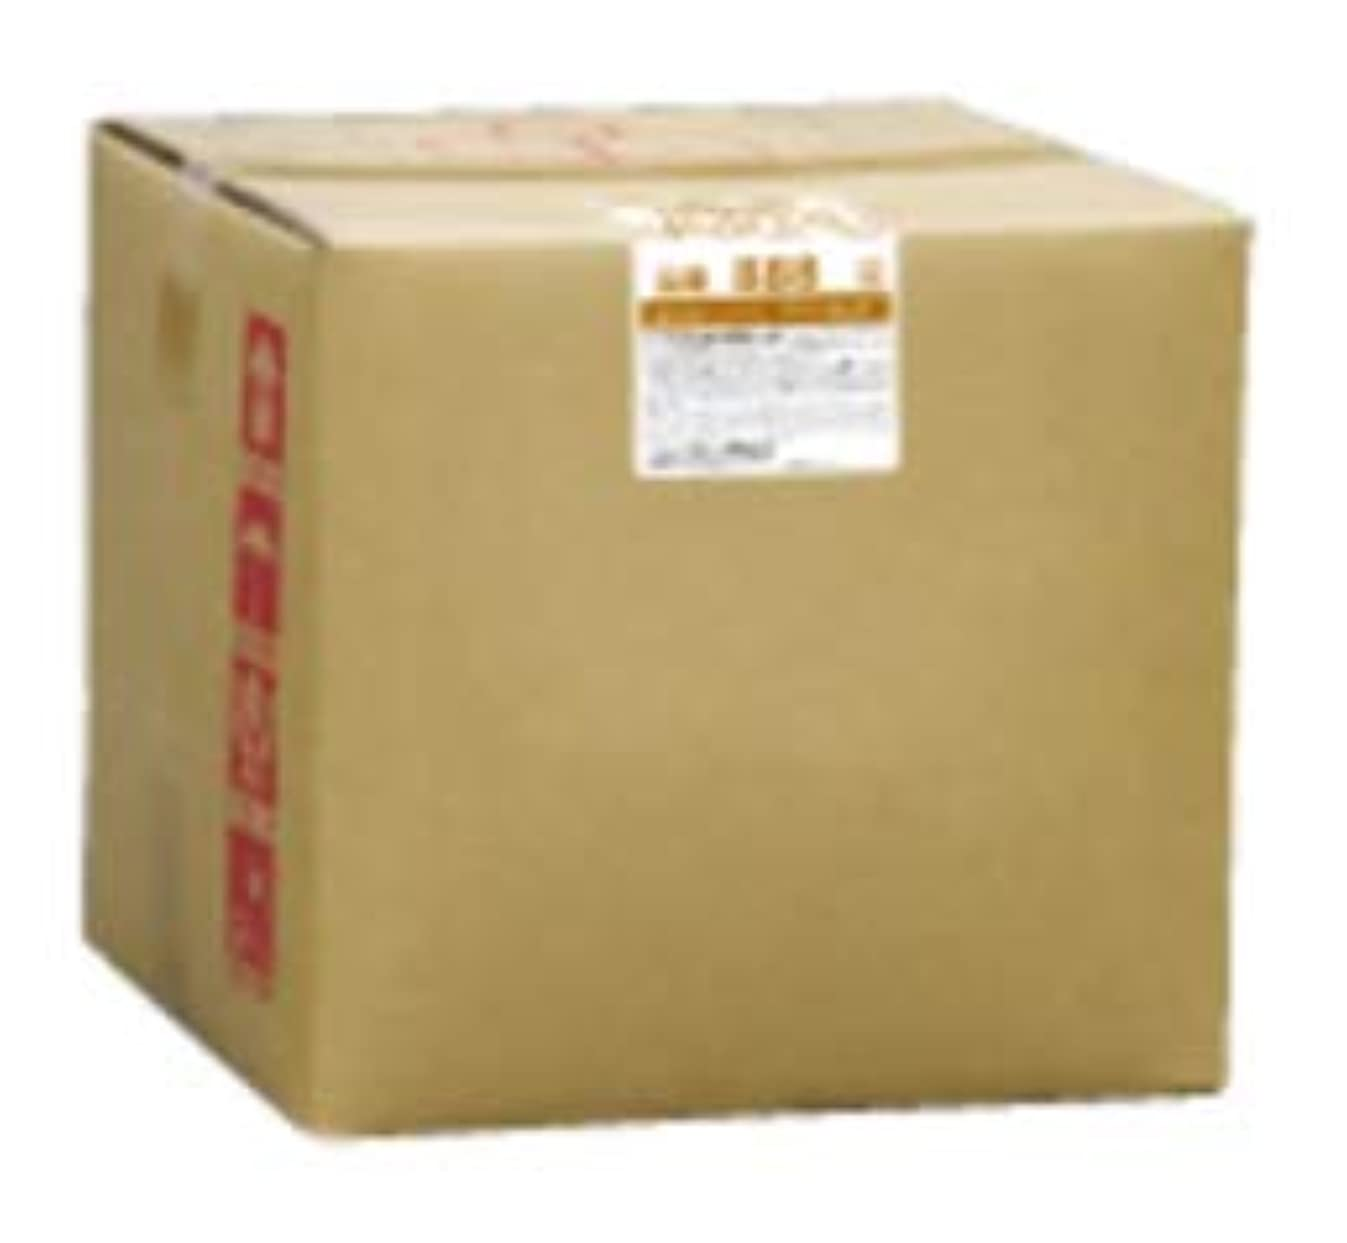 迷彩嘆願バケツフタバ化学 スパジアス ボディソープ 18L 詰め替え 800ml専用空容器付 黒糖と蜂蜜